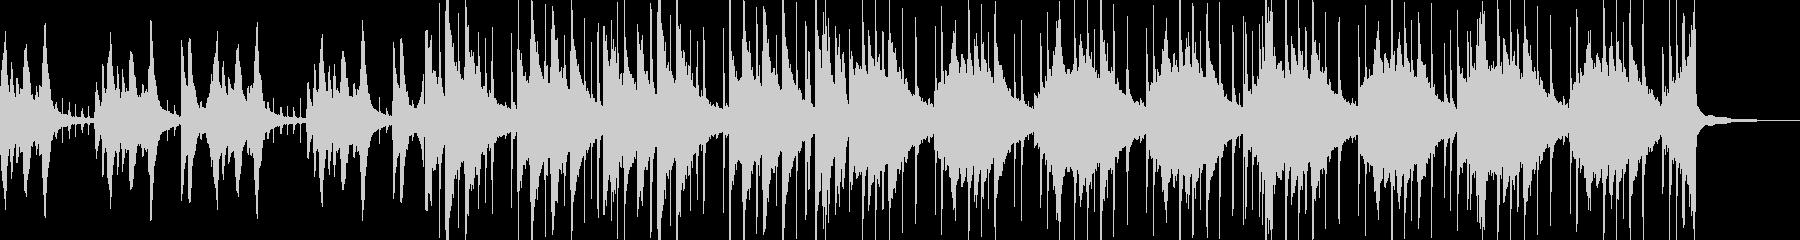 ドラムとピアノの落ち着いたBGMの未再生の波形